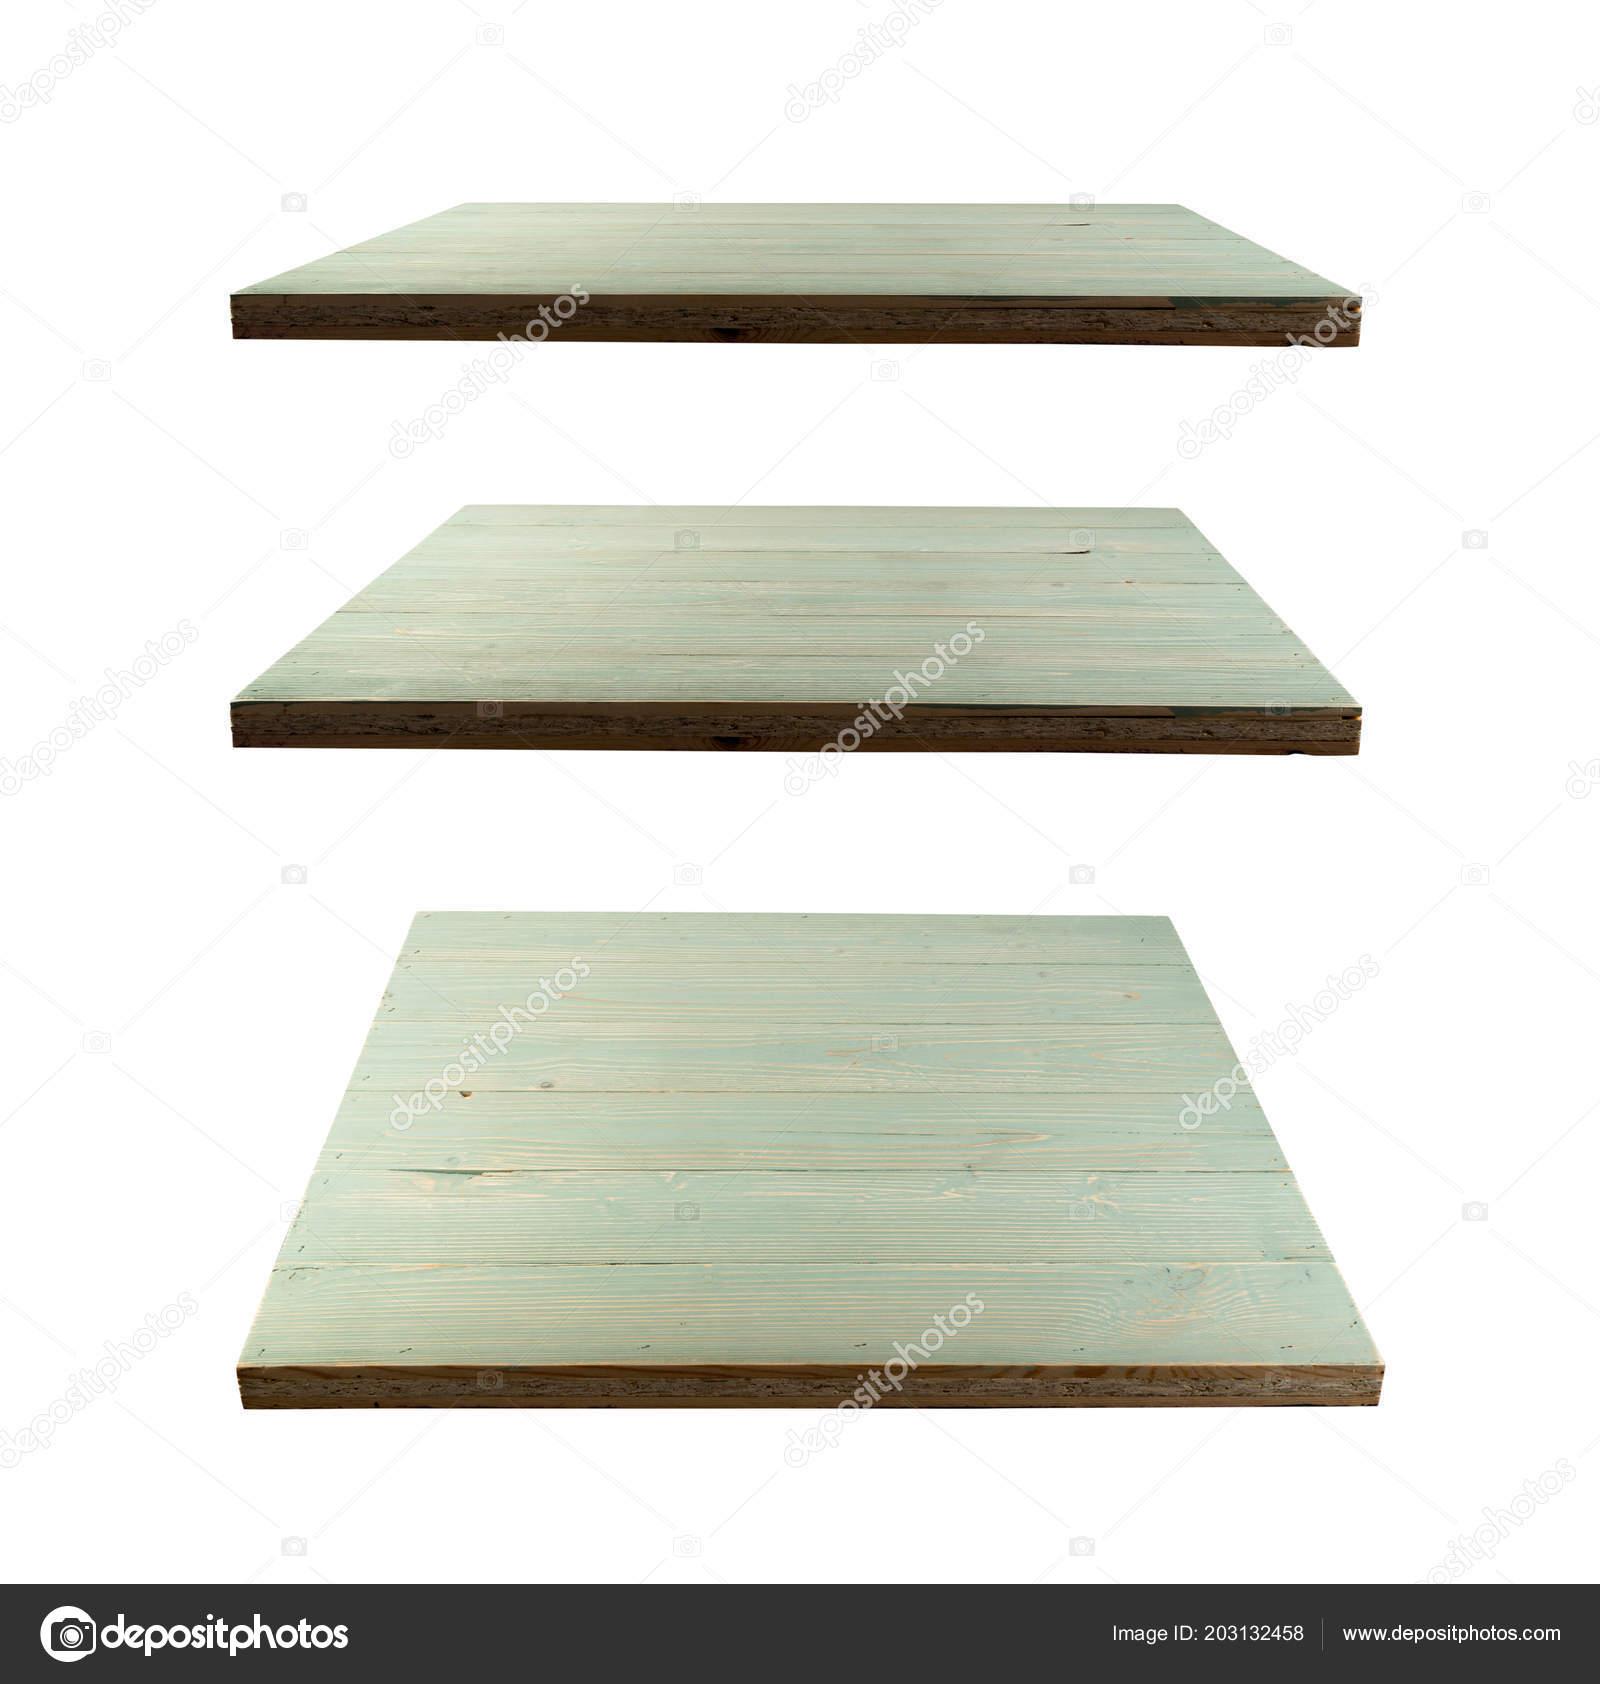 набор бирюзовый деревянные столы изолированные белом фоне